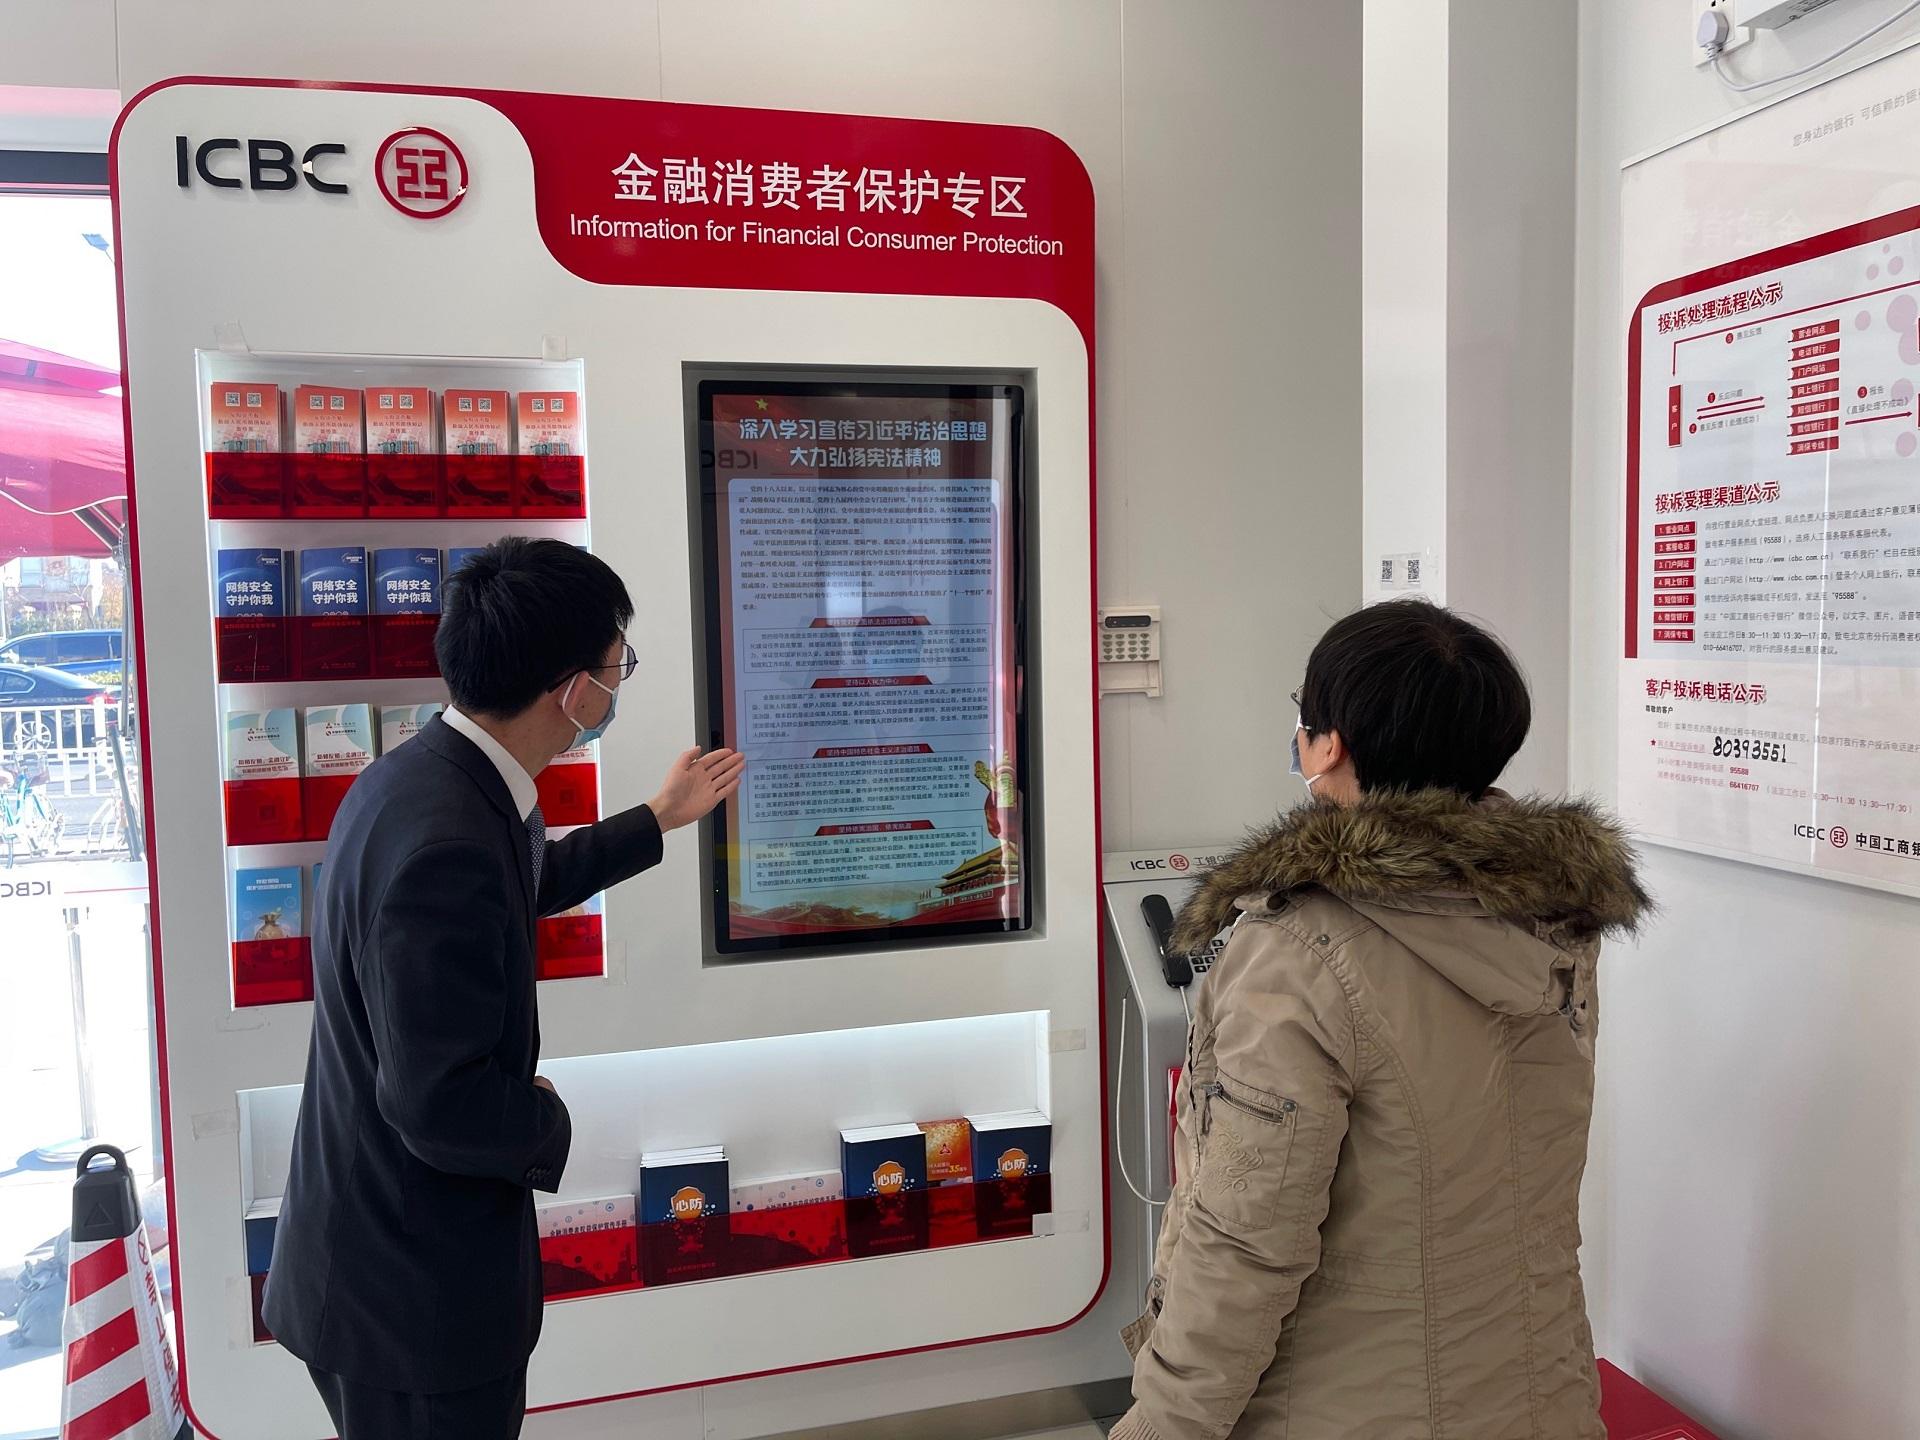 工行北京分行开展金融知识普及宣传活动 积极保护金融消费者合法权益